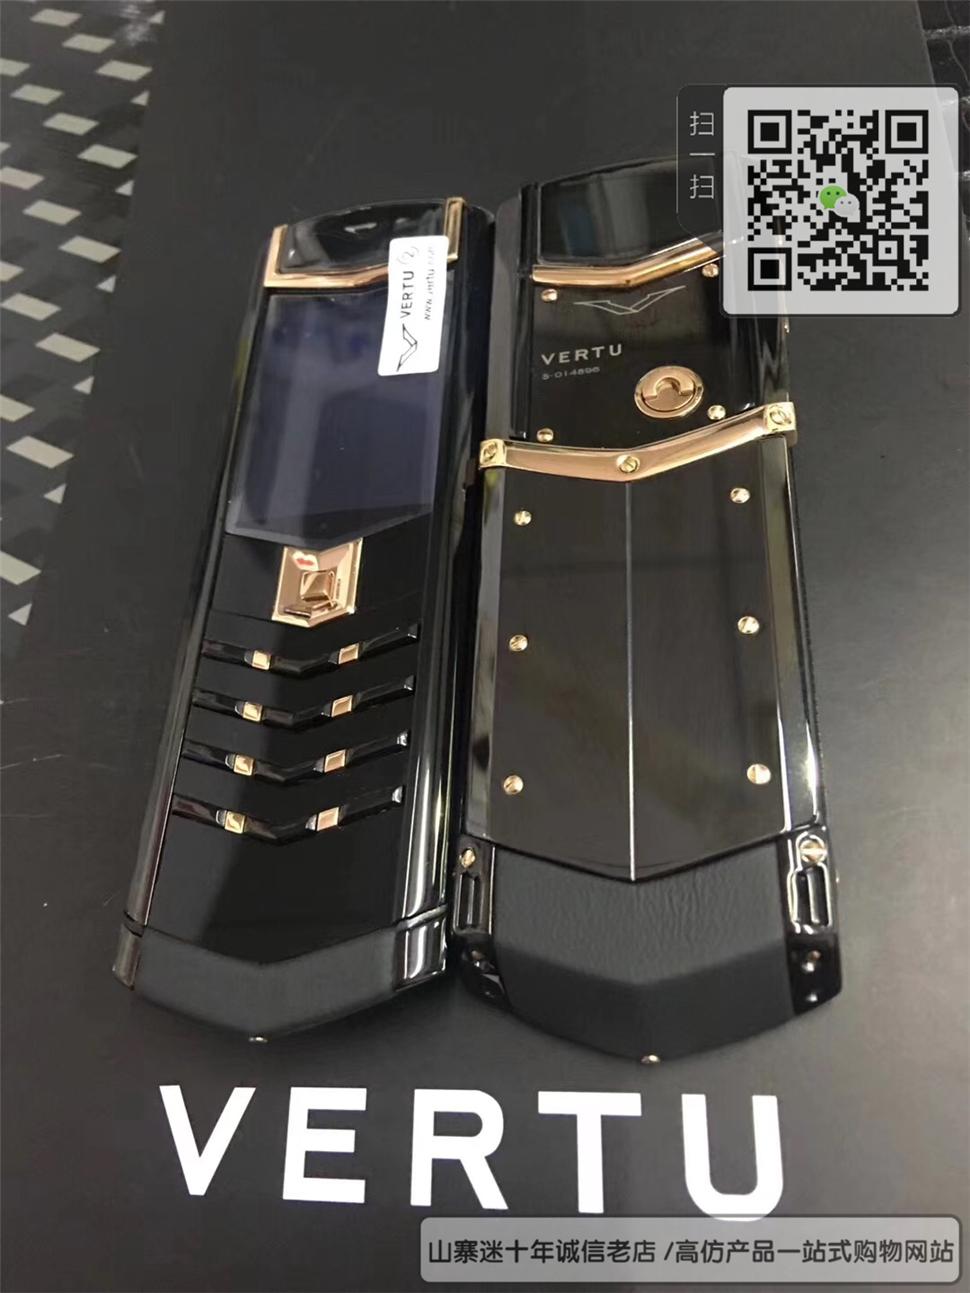 高仿 VERTU  Signature - 黑色+黄金色-陶瓷-隐藏键盘☼